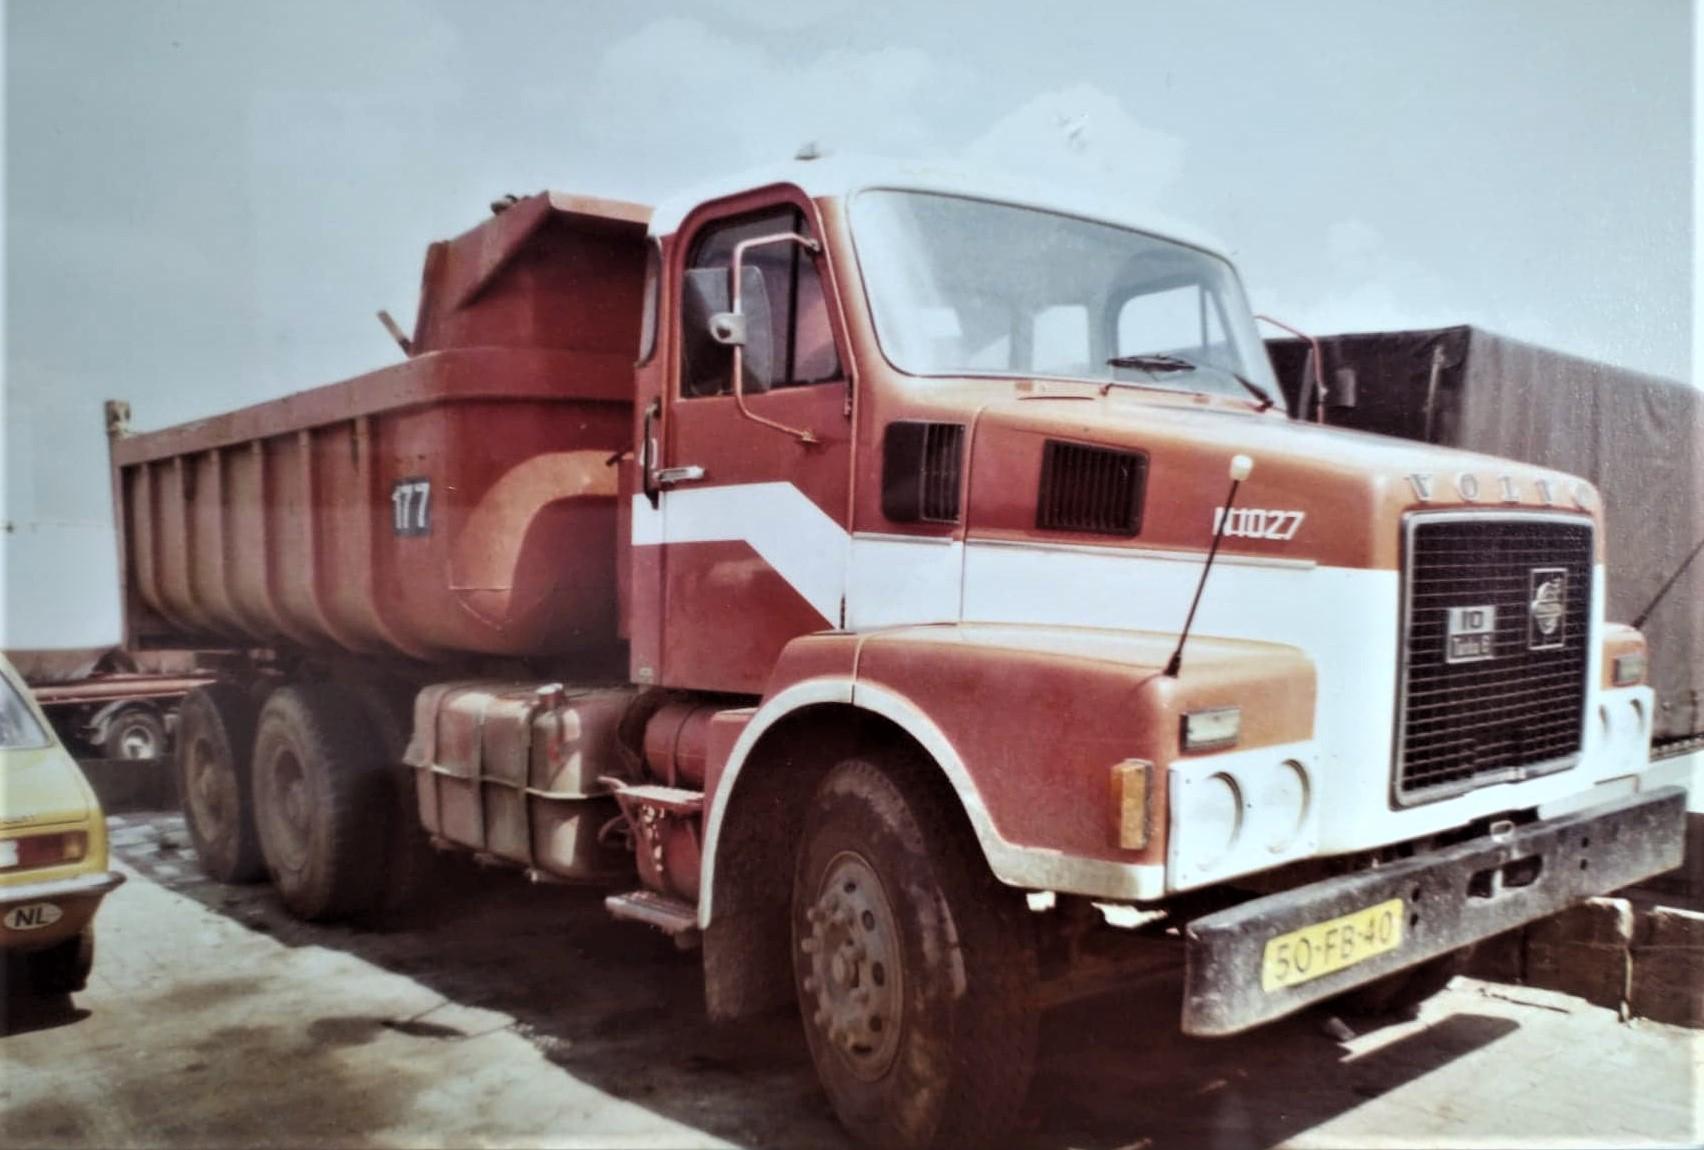 Volvo-N-1027-2